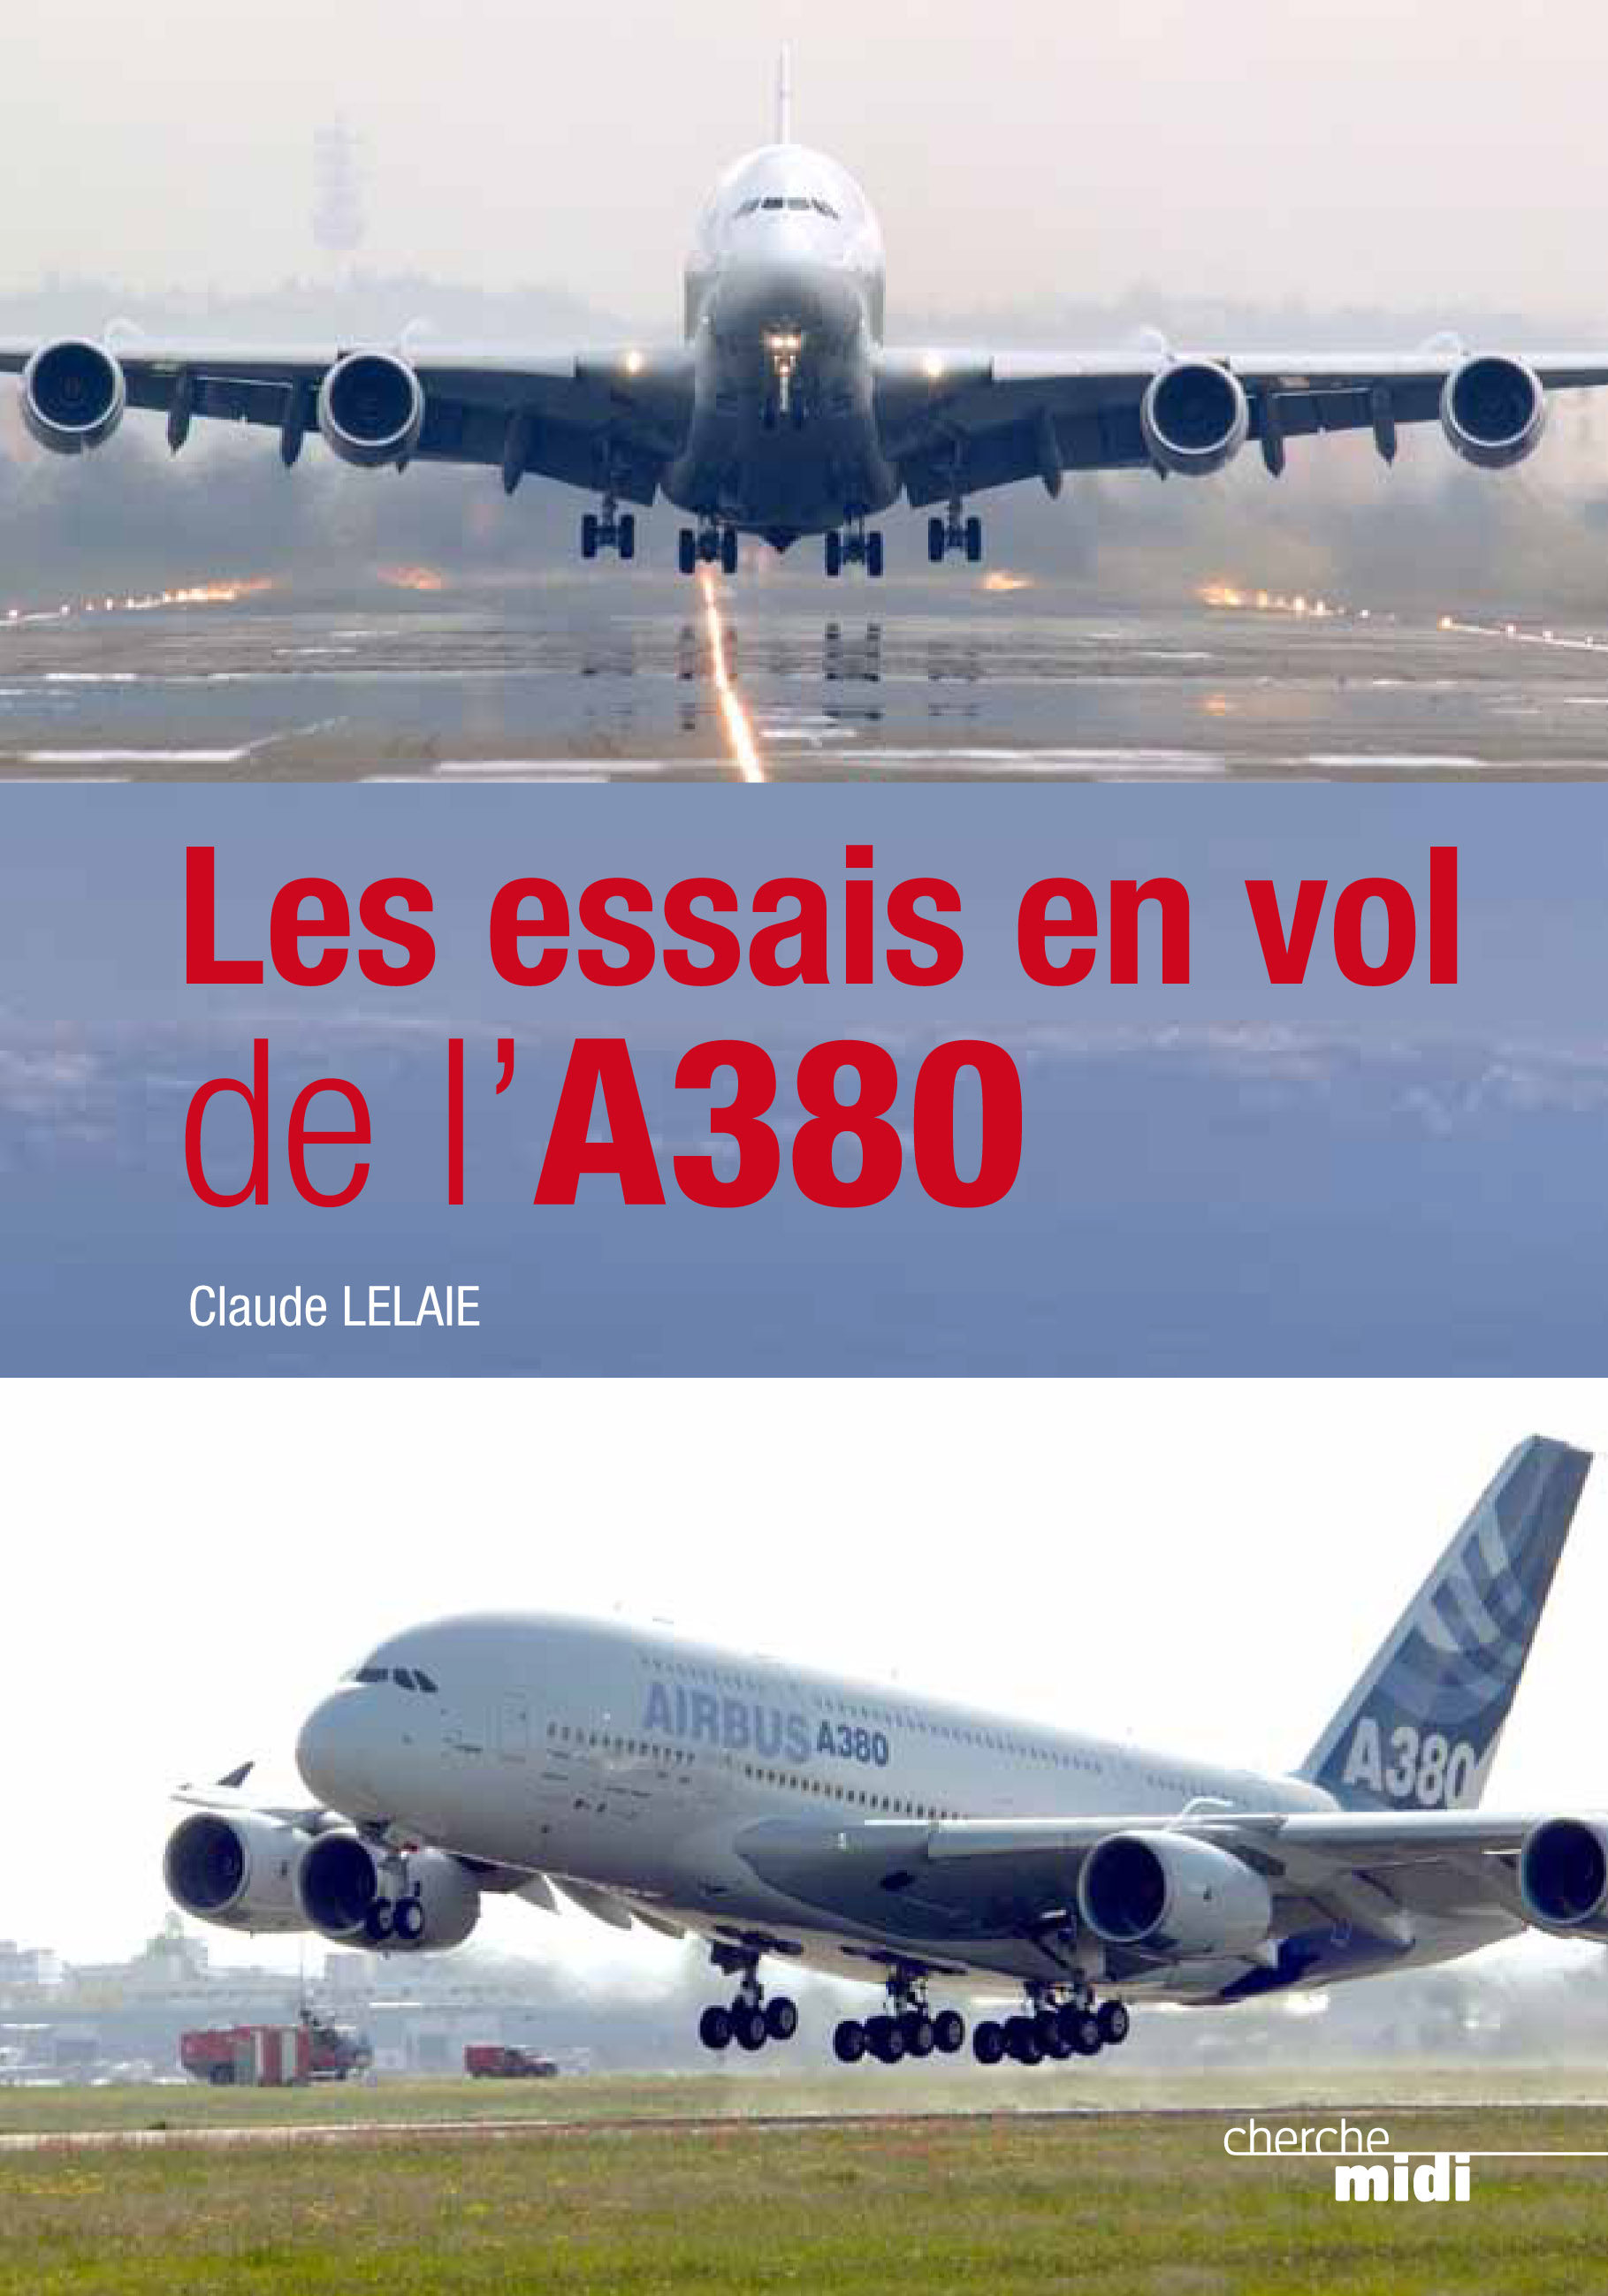 Les essais en vol de l'A 380 (Claude Lelaie)